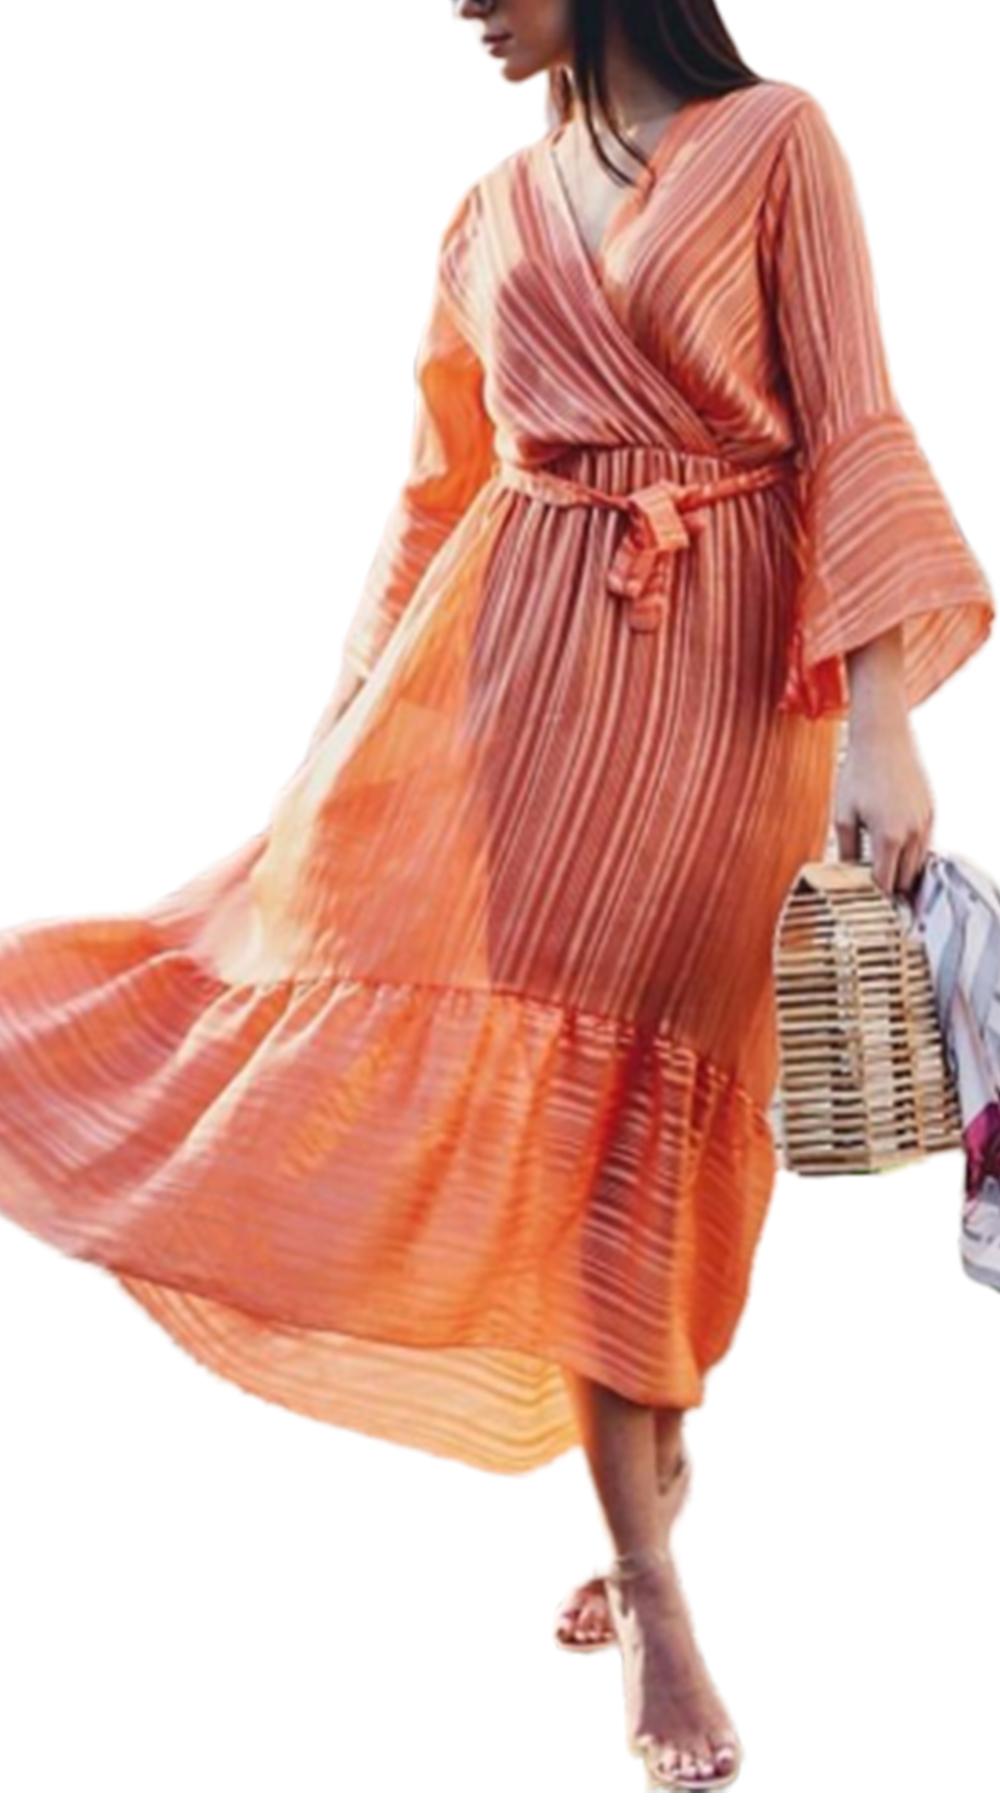 Σατινέ Ασύμμετρο Λούρεξ Κρουαζέ Φόρεμα με Ζώνη - MissReina - W18SOF-58974